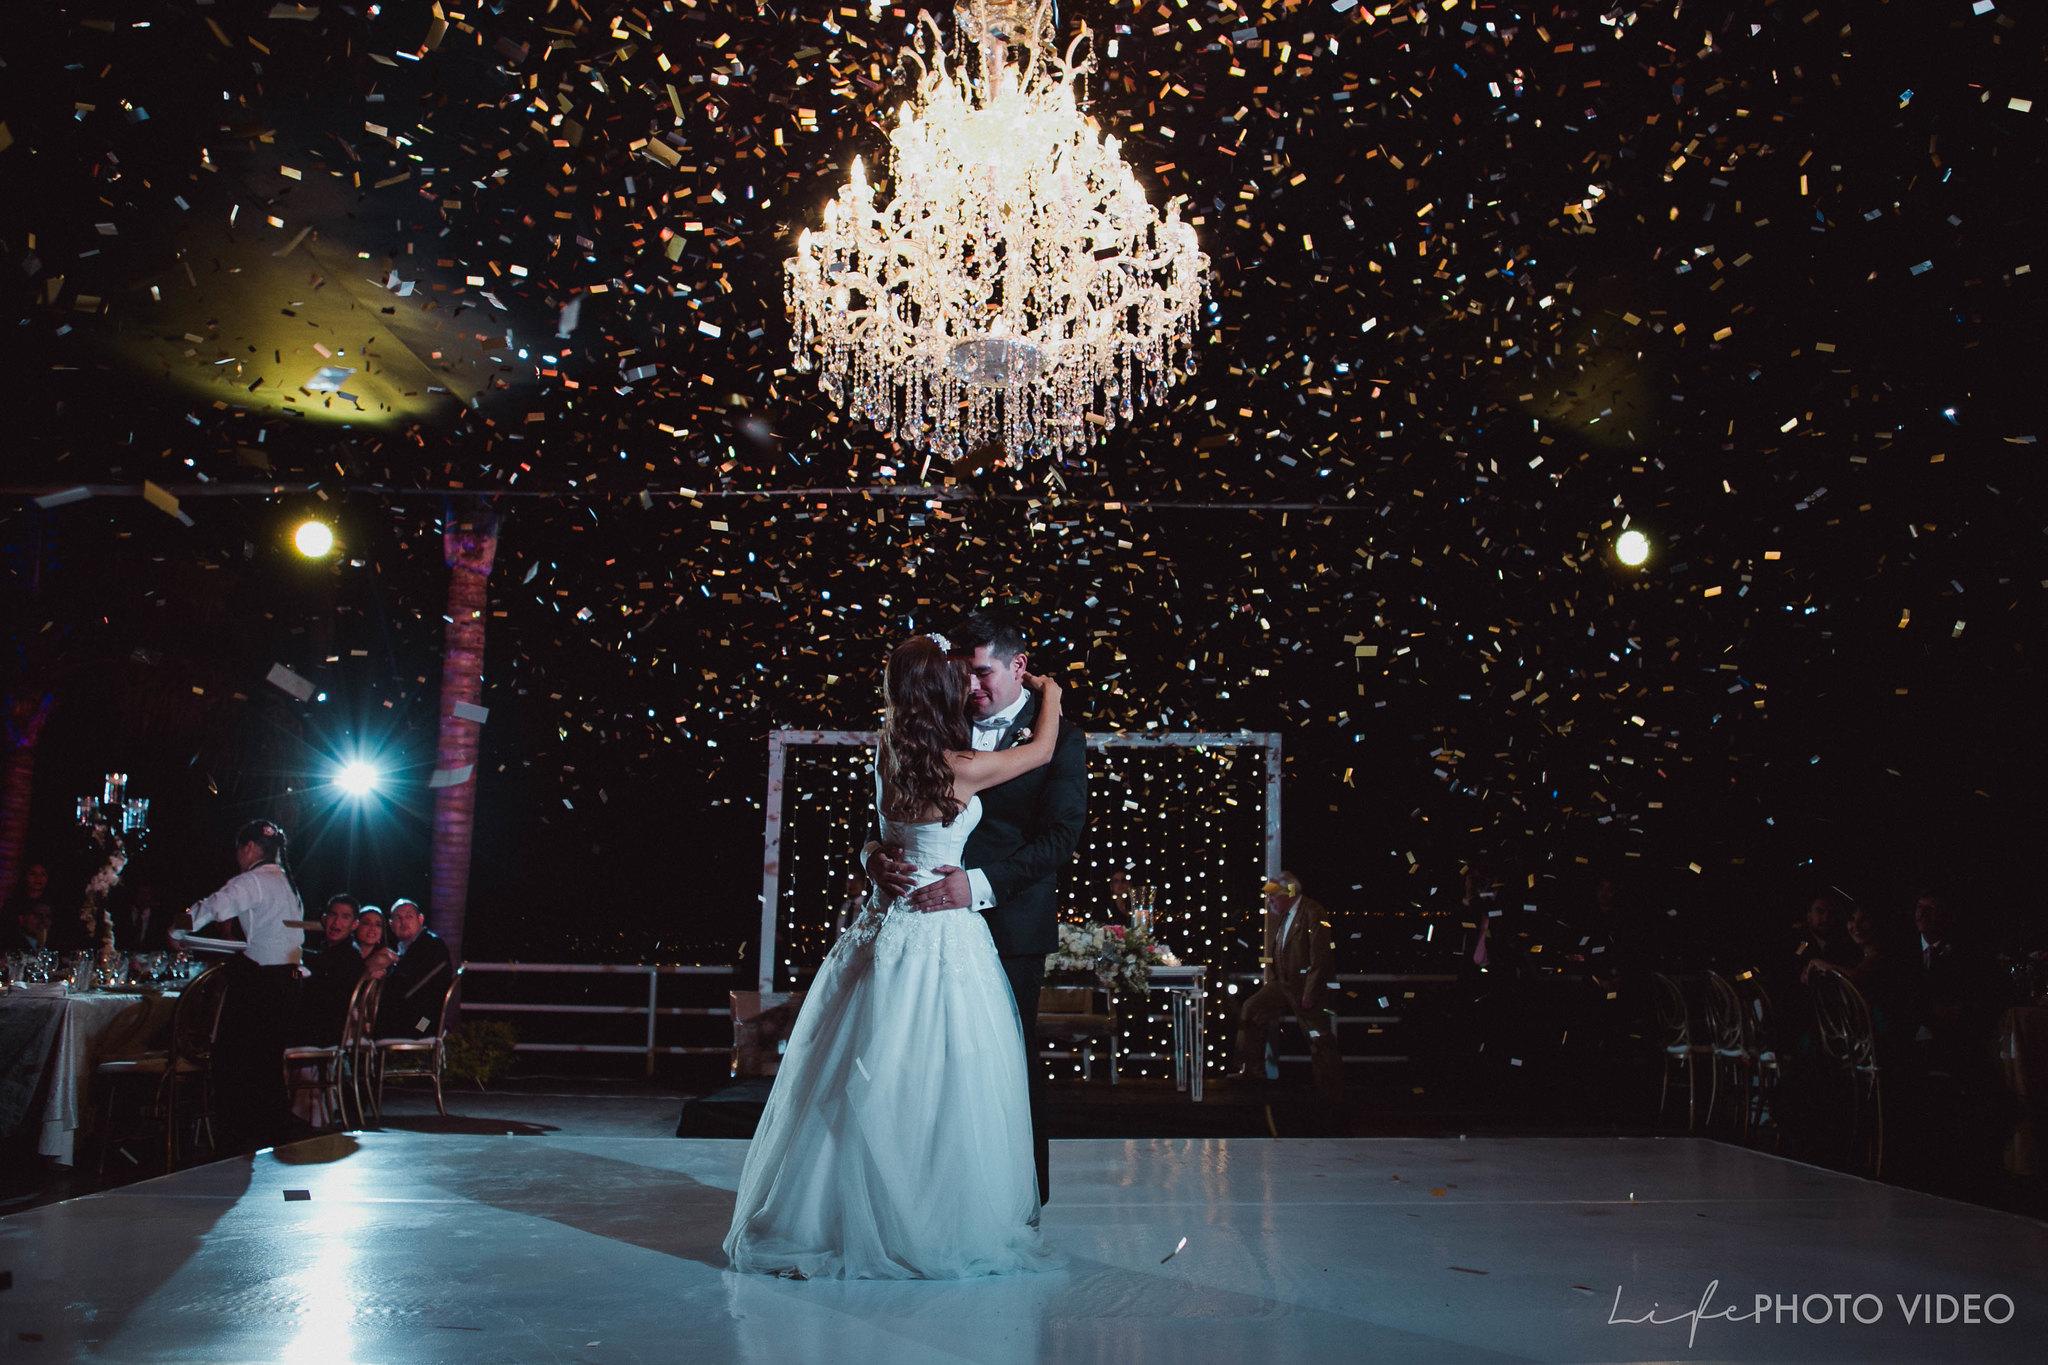 Boda_LeonGto_Wedding_LifePhotoVideo_0053.jpg